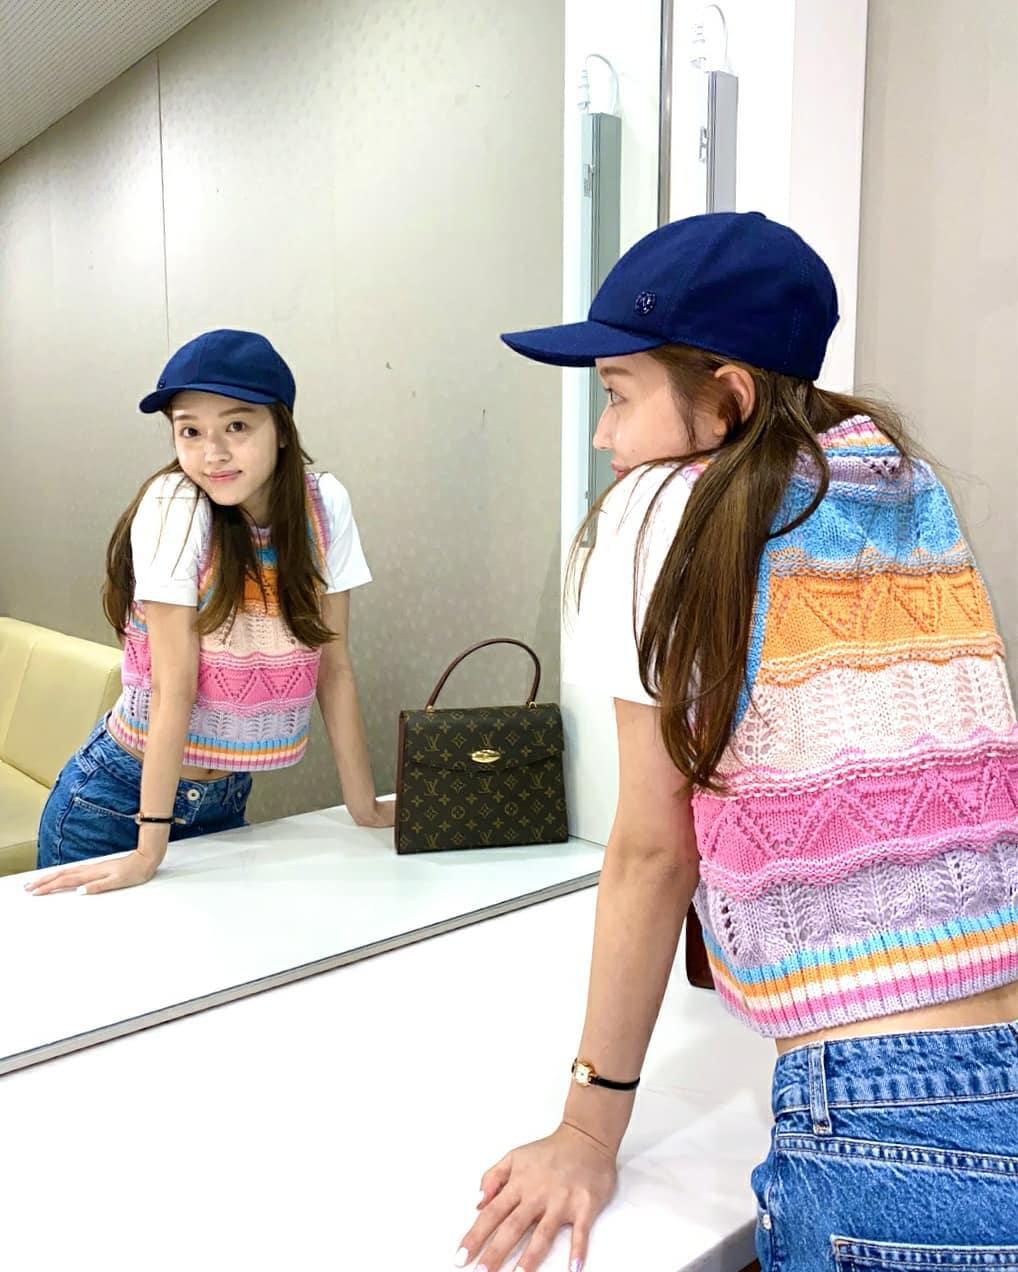 Sao Hàn diện đồ Zara từ street style lên sàn diễn: Xinh nhất là áo phông chỉ hơn 200k của Krystal - Ảnh 3.